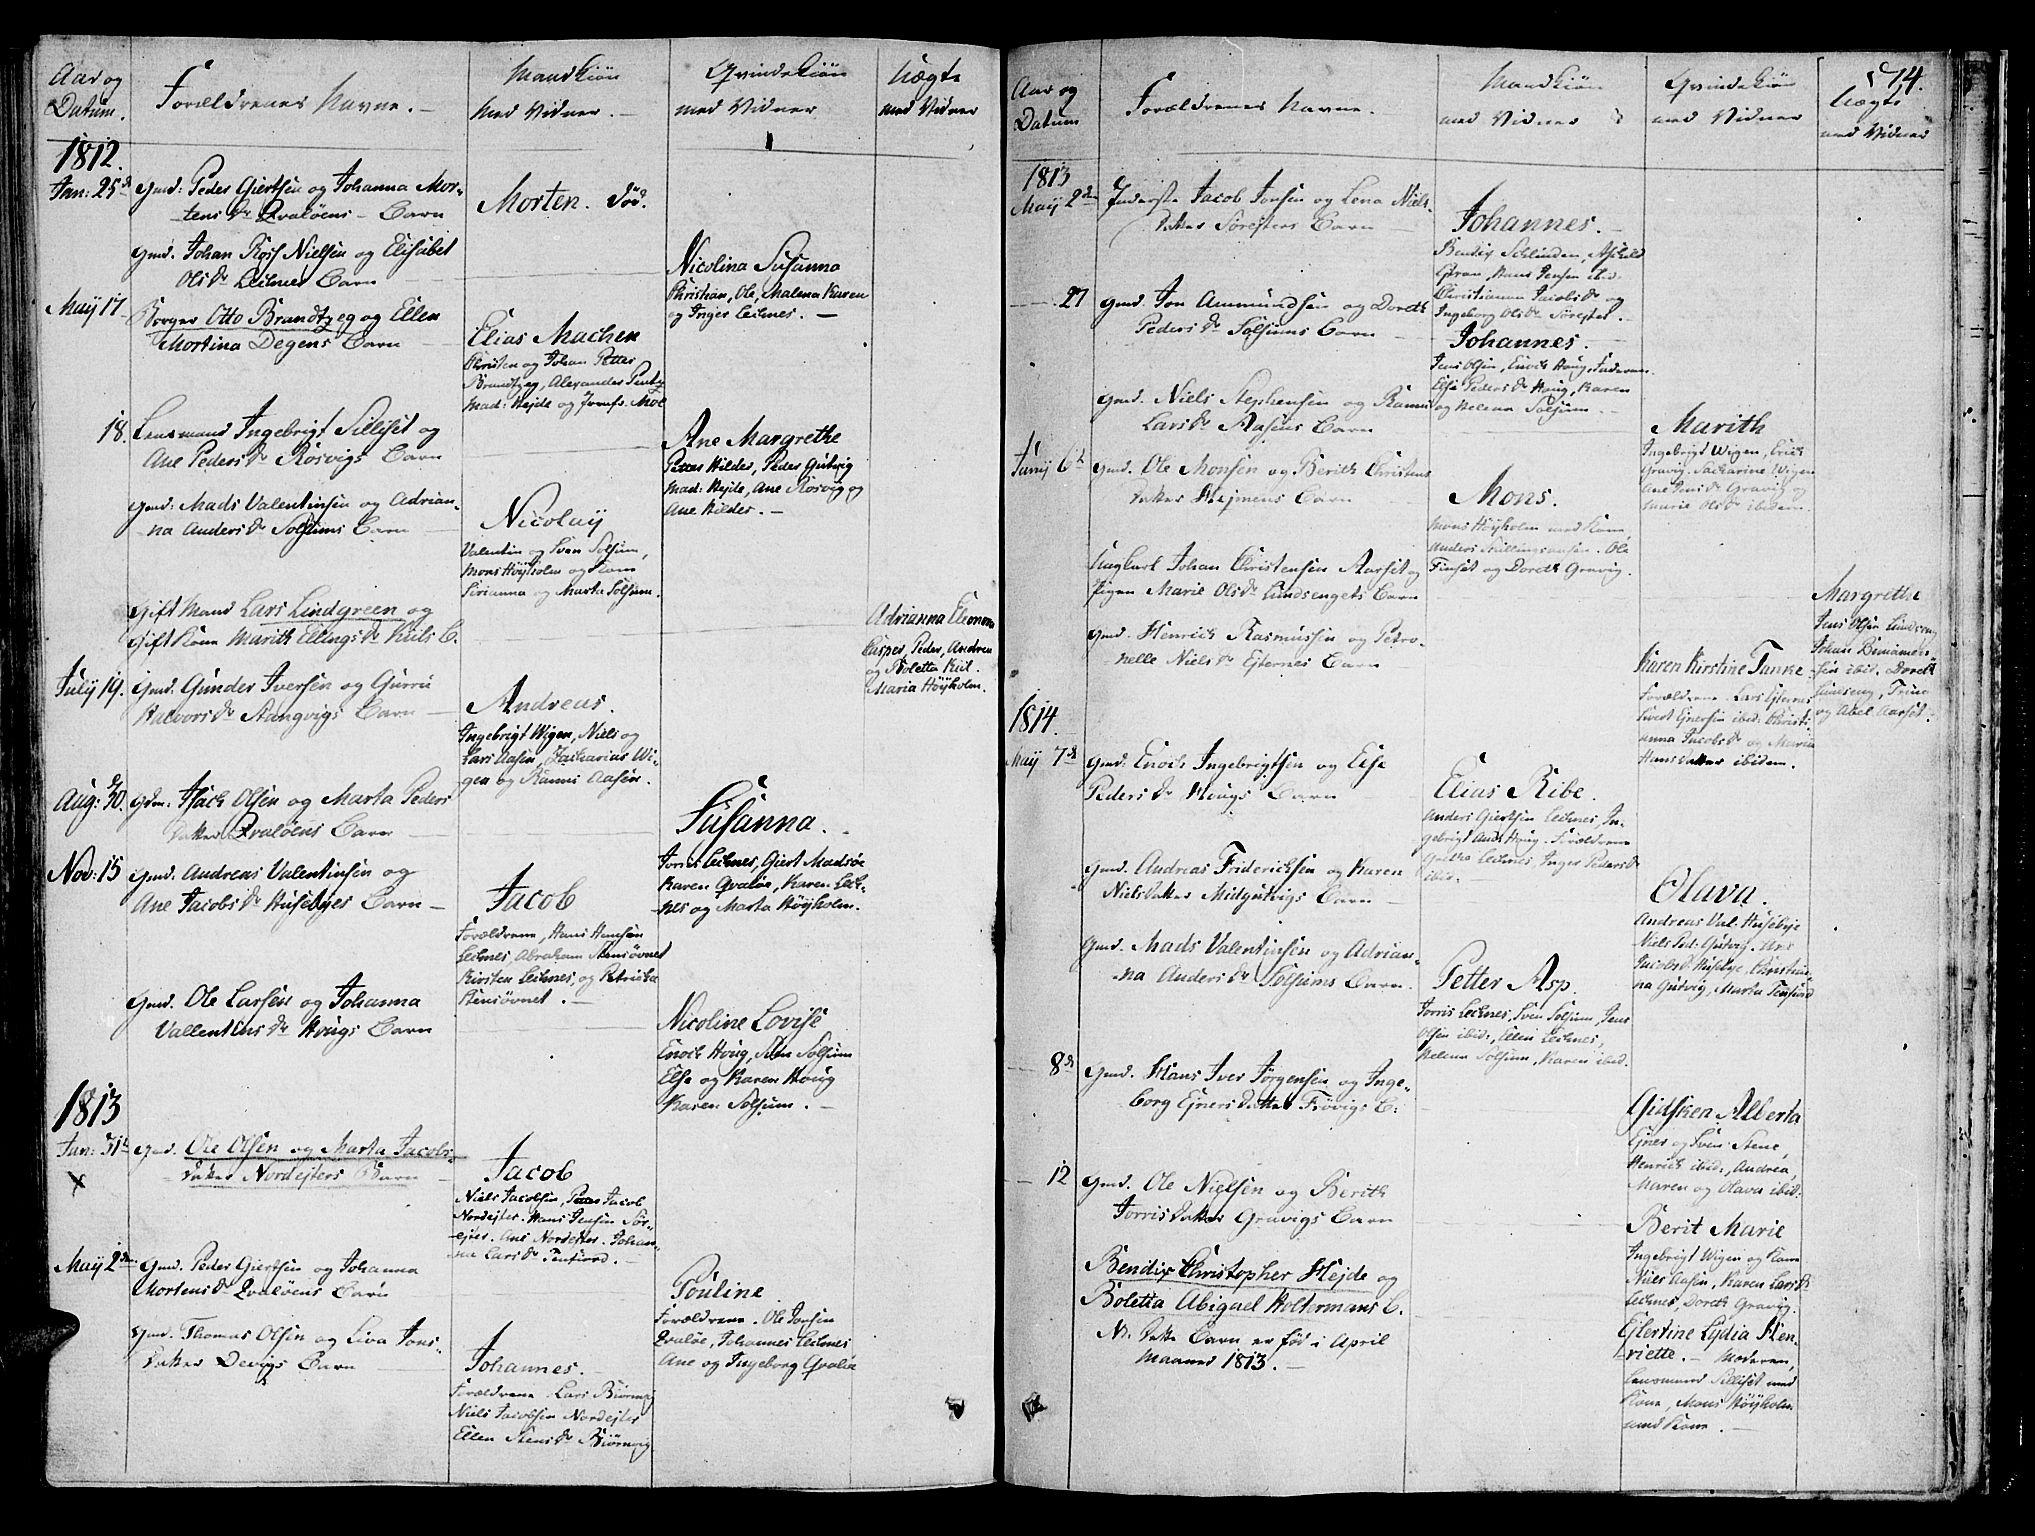 SAT, Ministerialprotokoller, klokkerbøker og fødselsregistre - Nord-Trøndelag, 780/L0633: Ministerialbok nr. 780A02 /2, 1806-1814, s. 74